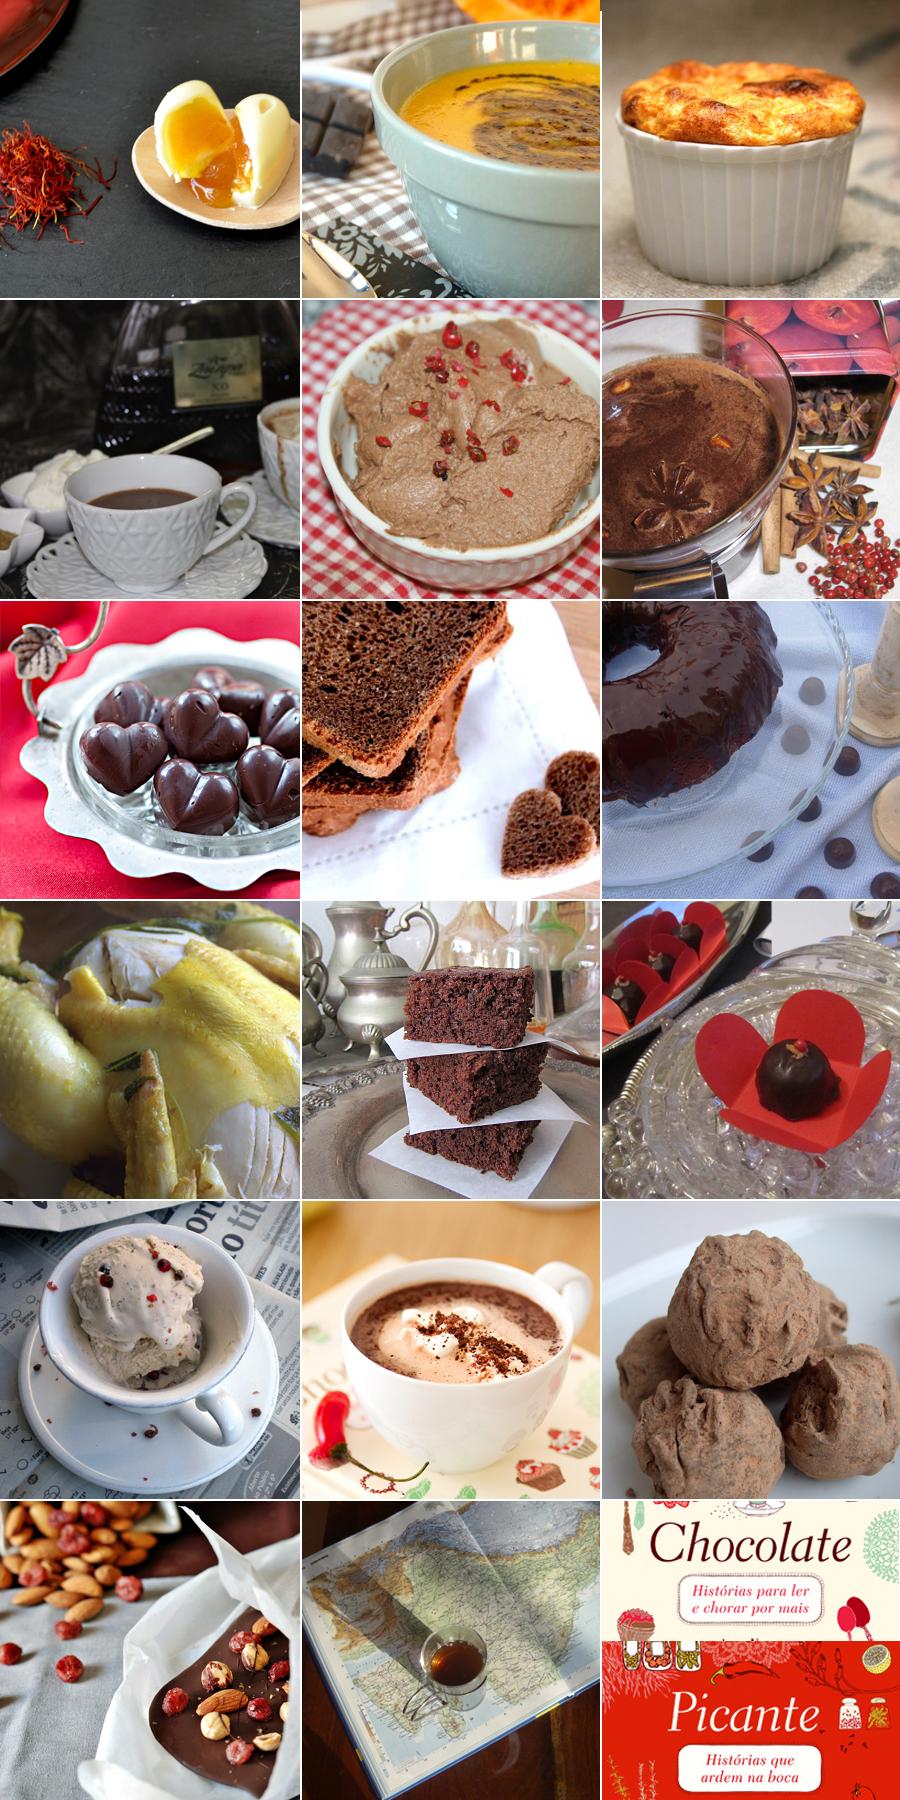 Chocolate & Picante: um desafio de receitas com histórias dentro